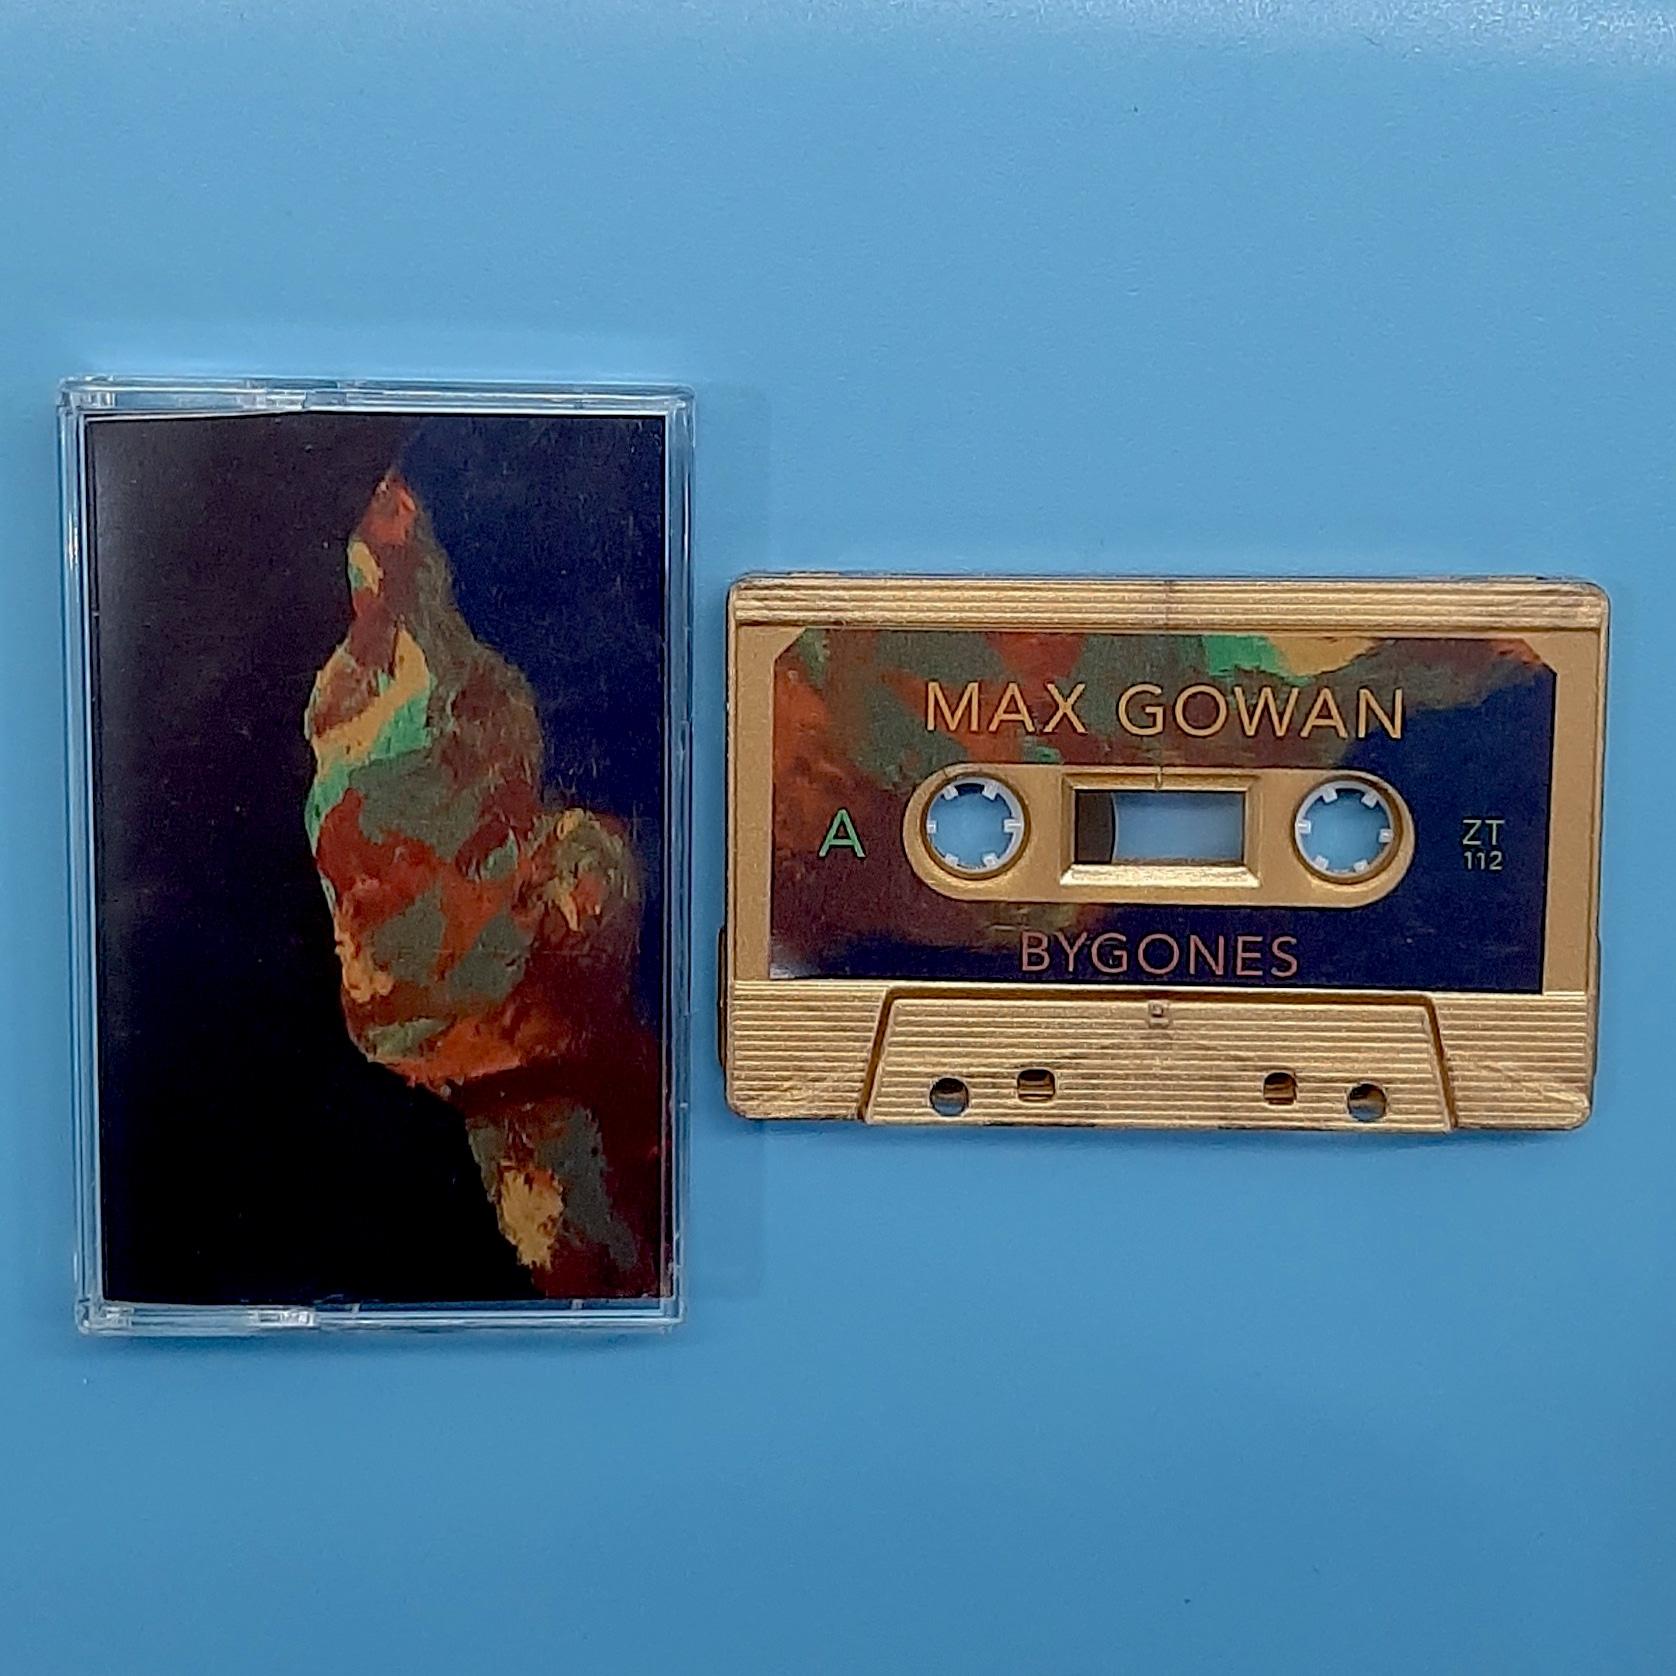 Max Gowan - Bygones (Z Tapes)